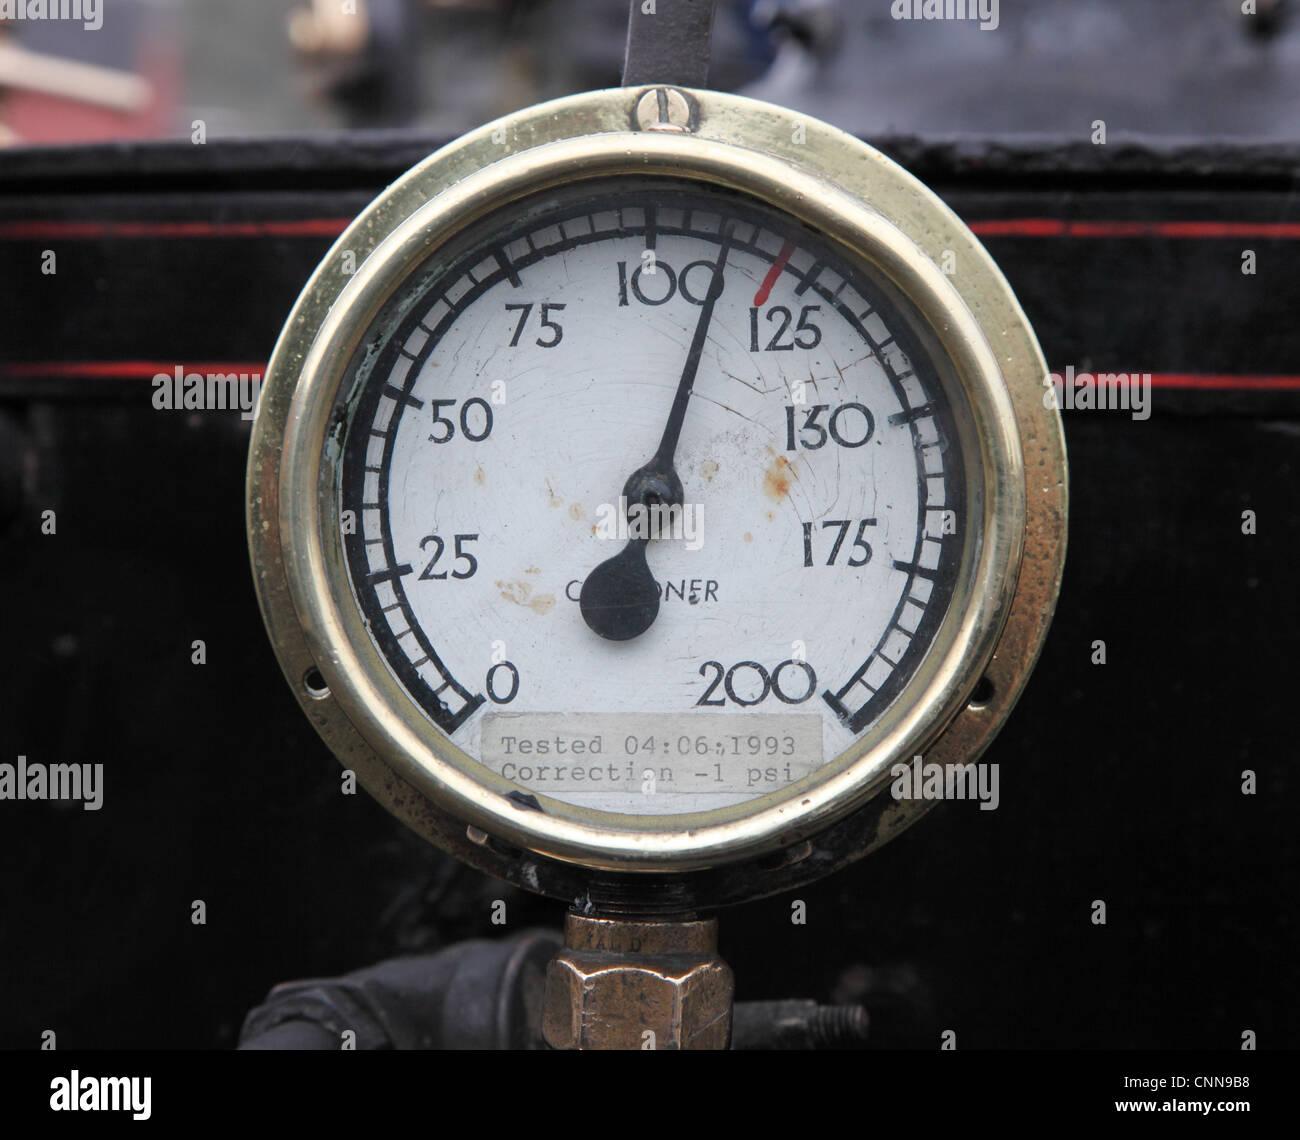 Steam Pressure Gauge Stockfotos & Steam Pressure Gauge Bilder - Alamy